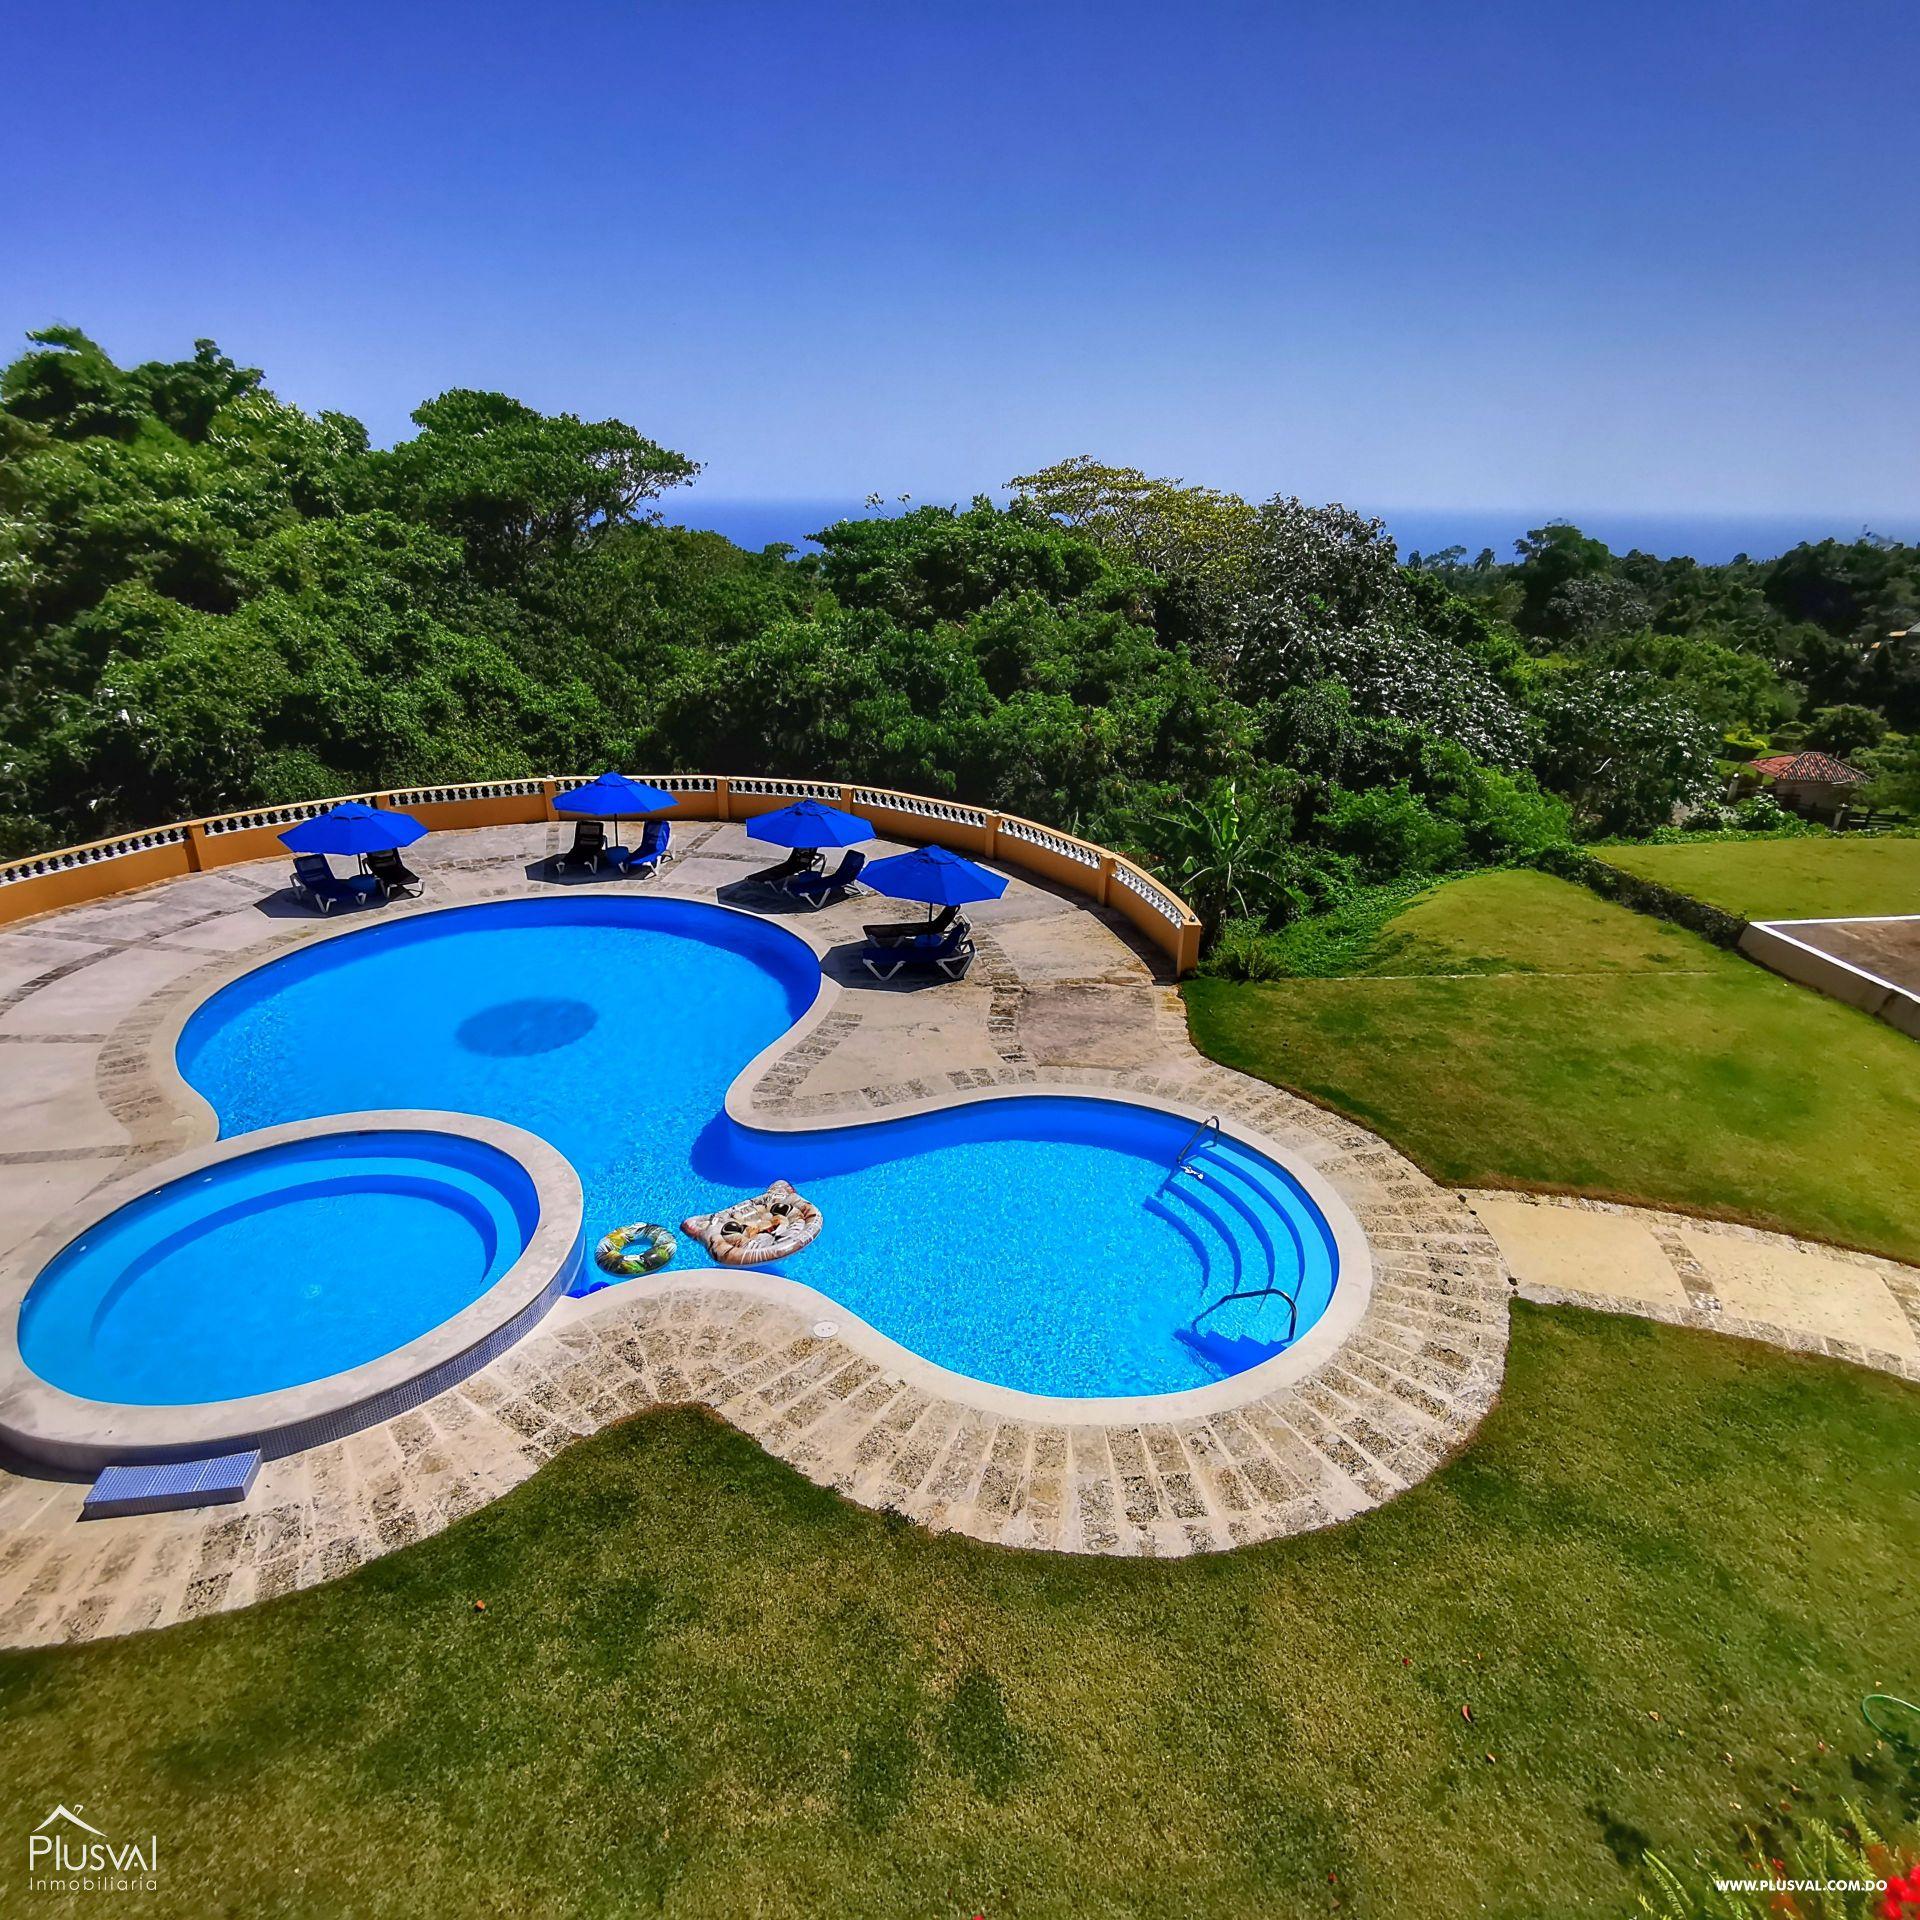 Casa con 9 Habitaciones para Pequeño Hostal con Vistas al Mar en Cabrera